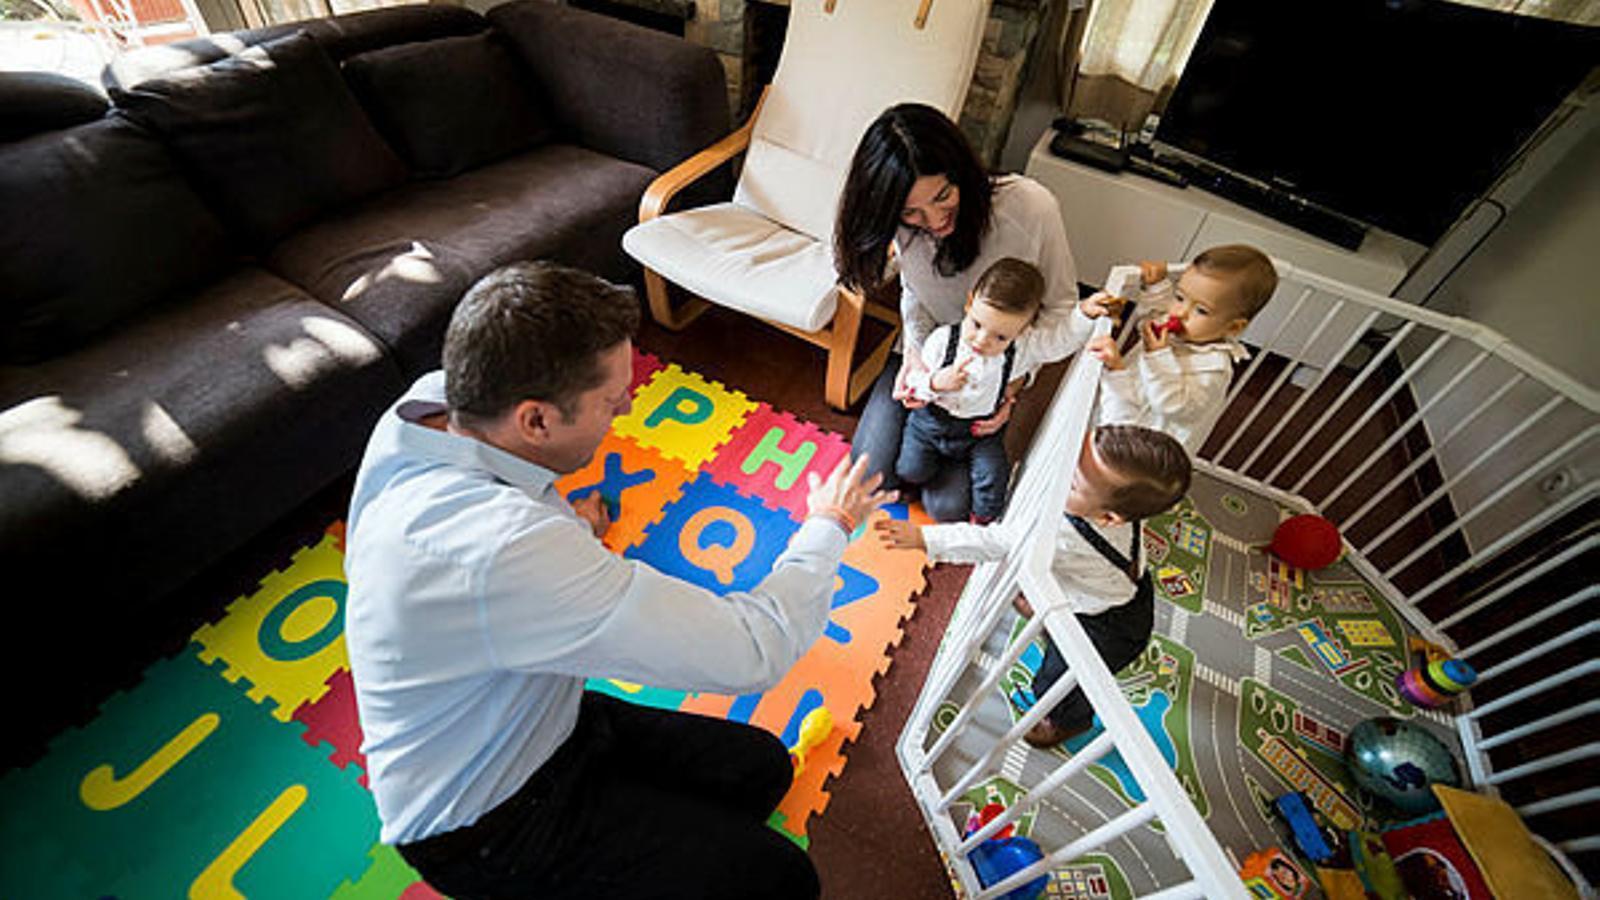 Les famílies amb tres fills, prop de 22.000 a Balears, són considerades famílies nombroses segons la llei estatal. Ara també ho seran les monoparentals amb més d'un fill.